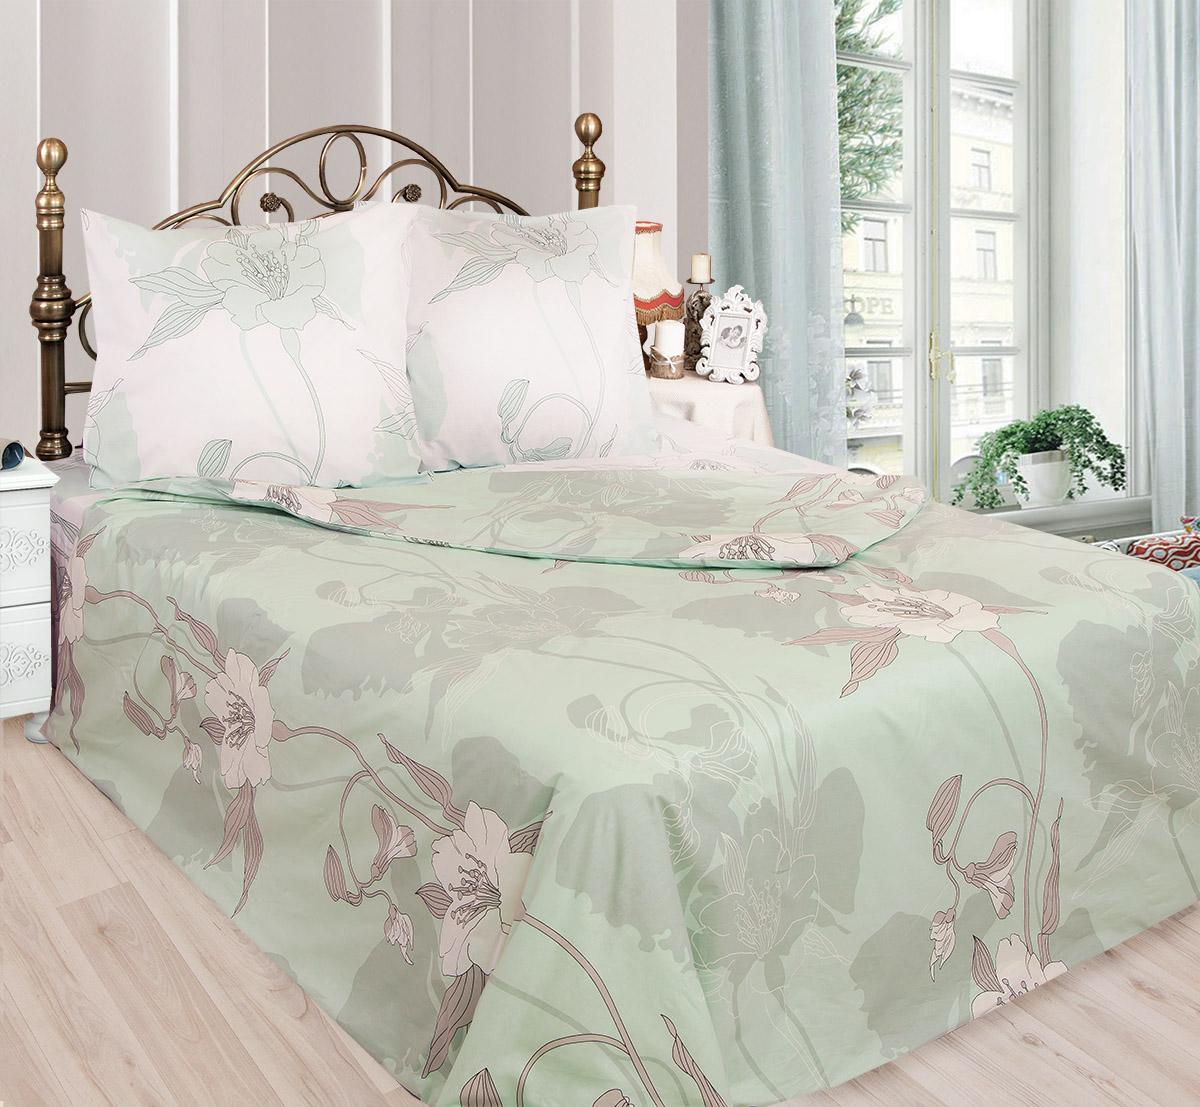 Комплект белья Sova & Javoronok Жасмин (1,5 спальный КПБ, бязь, наволочки 50х70), n50, цвет: белый, зеленыйCA-3505КПБ 1,5 сп. Сова и Жаворонок, бязь, Жасмин, n50 белый,зеленый